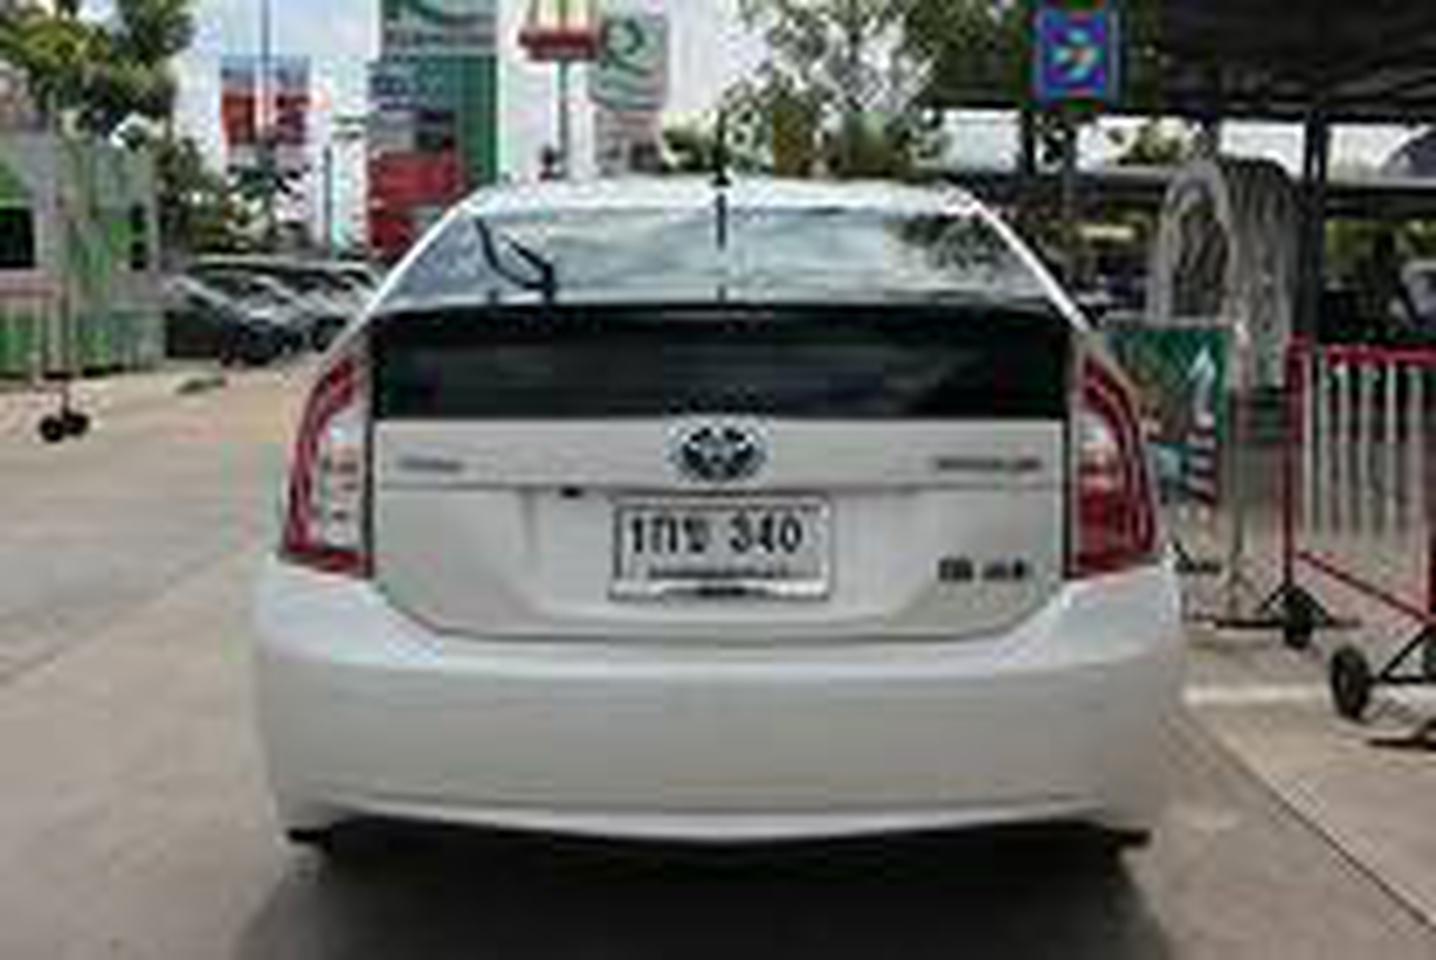 ขายรถเก๋ง โตโยต้า PUIUS อำเภอปากเกร็ด จังหวัดนนทบุรี รูปที่ 4